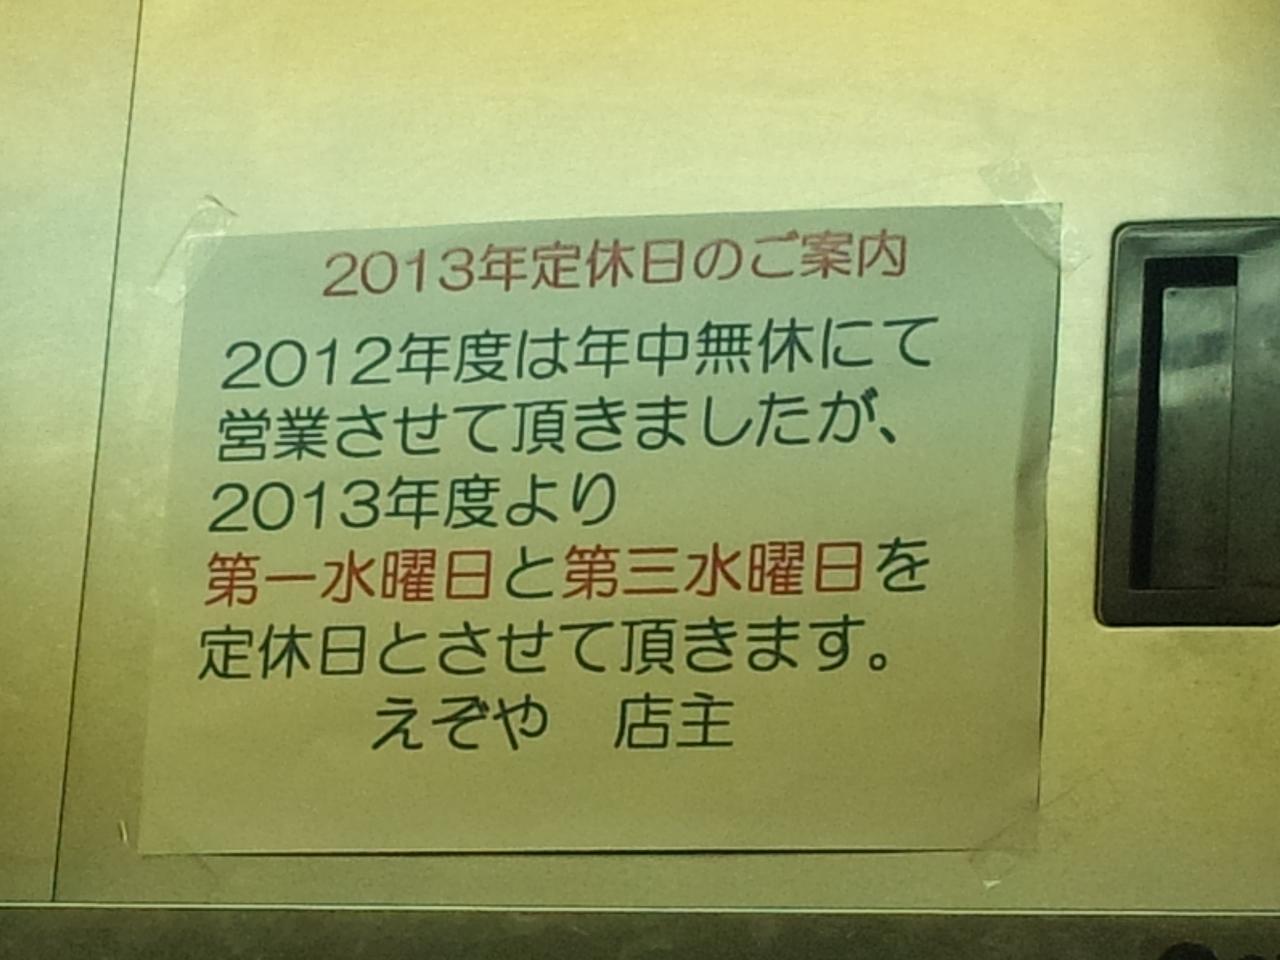 えぞや六角橋店(営業案内)